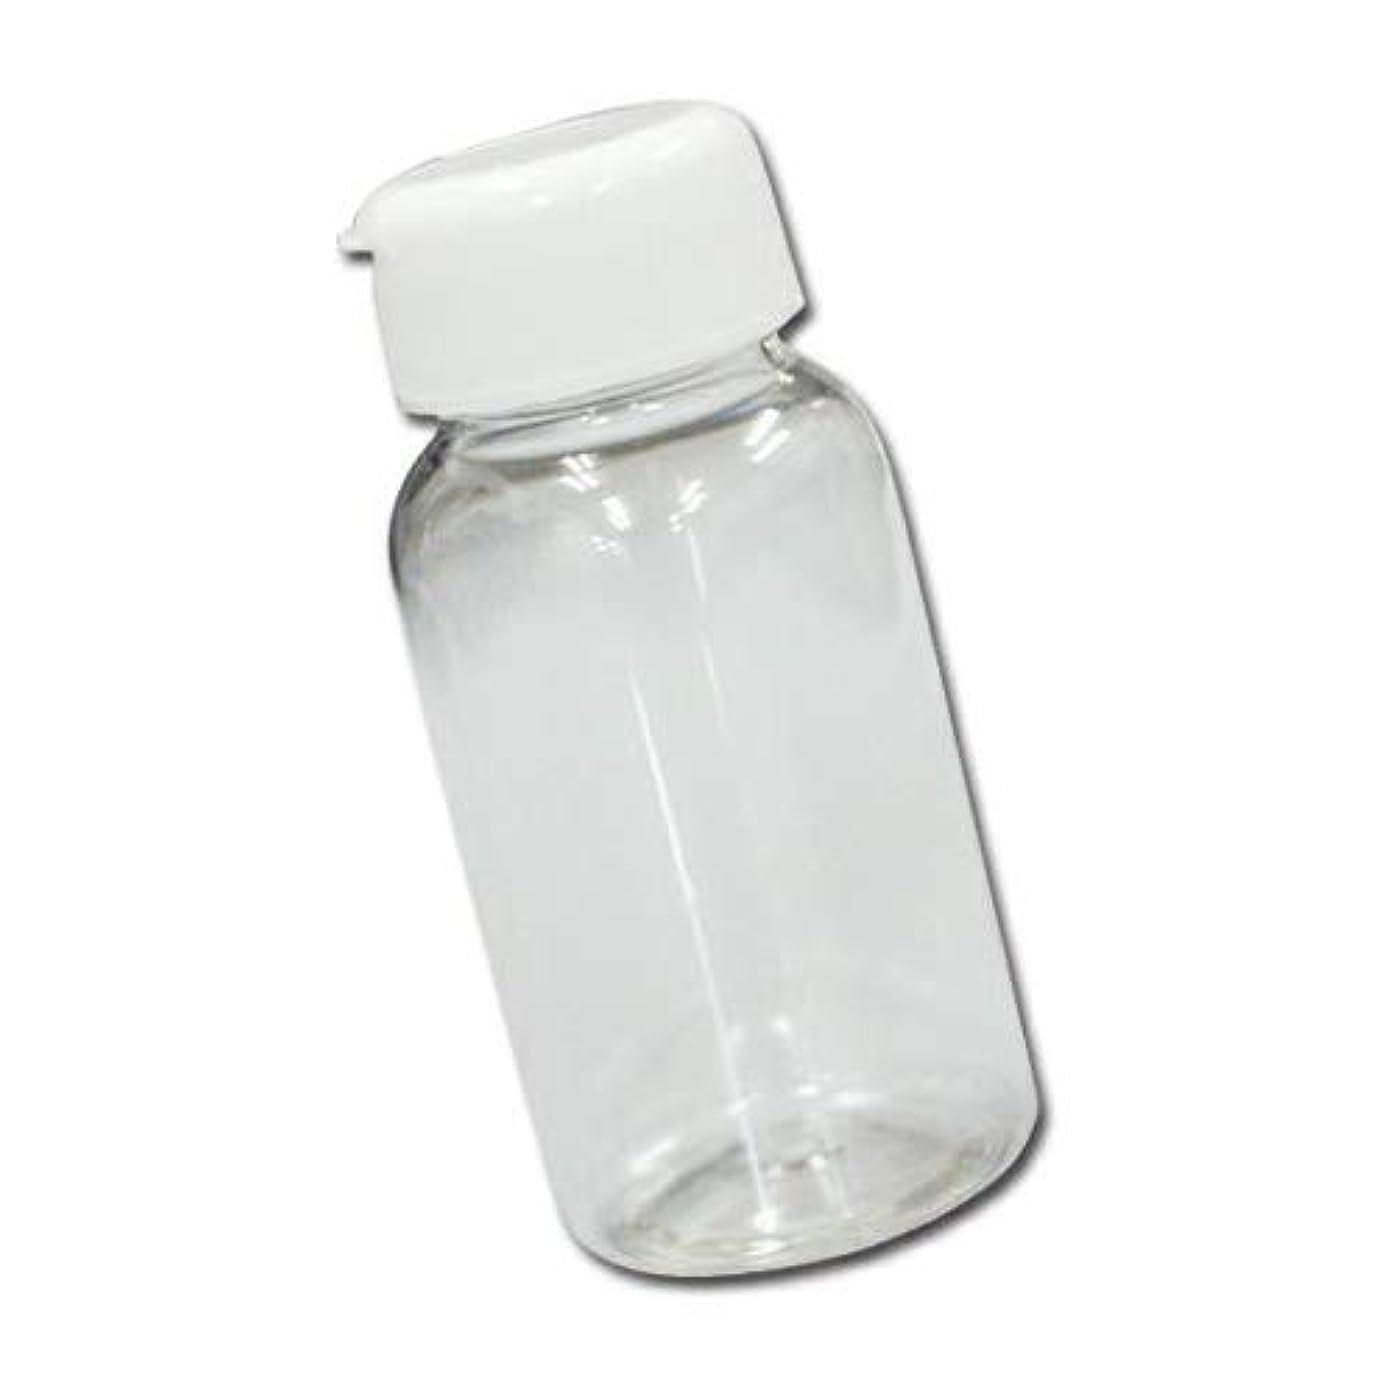 軍団誘う賞賛パウダー用詰め替え容器200mlボトル│業務用マッサージパウダーや調味料の小分けに最適な穴あき詰め替えボトル